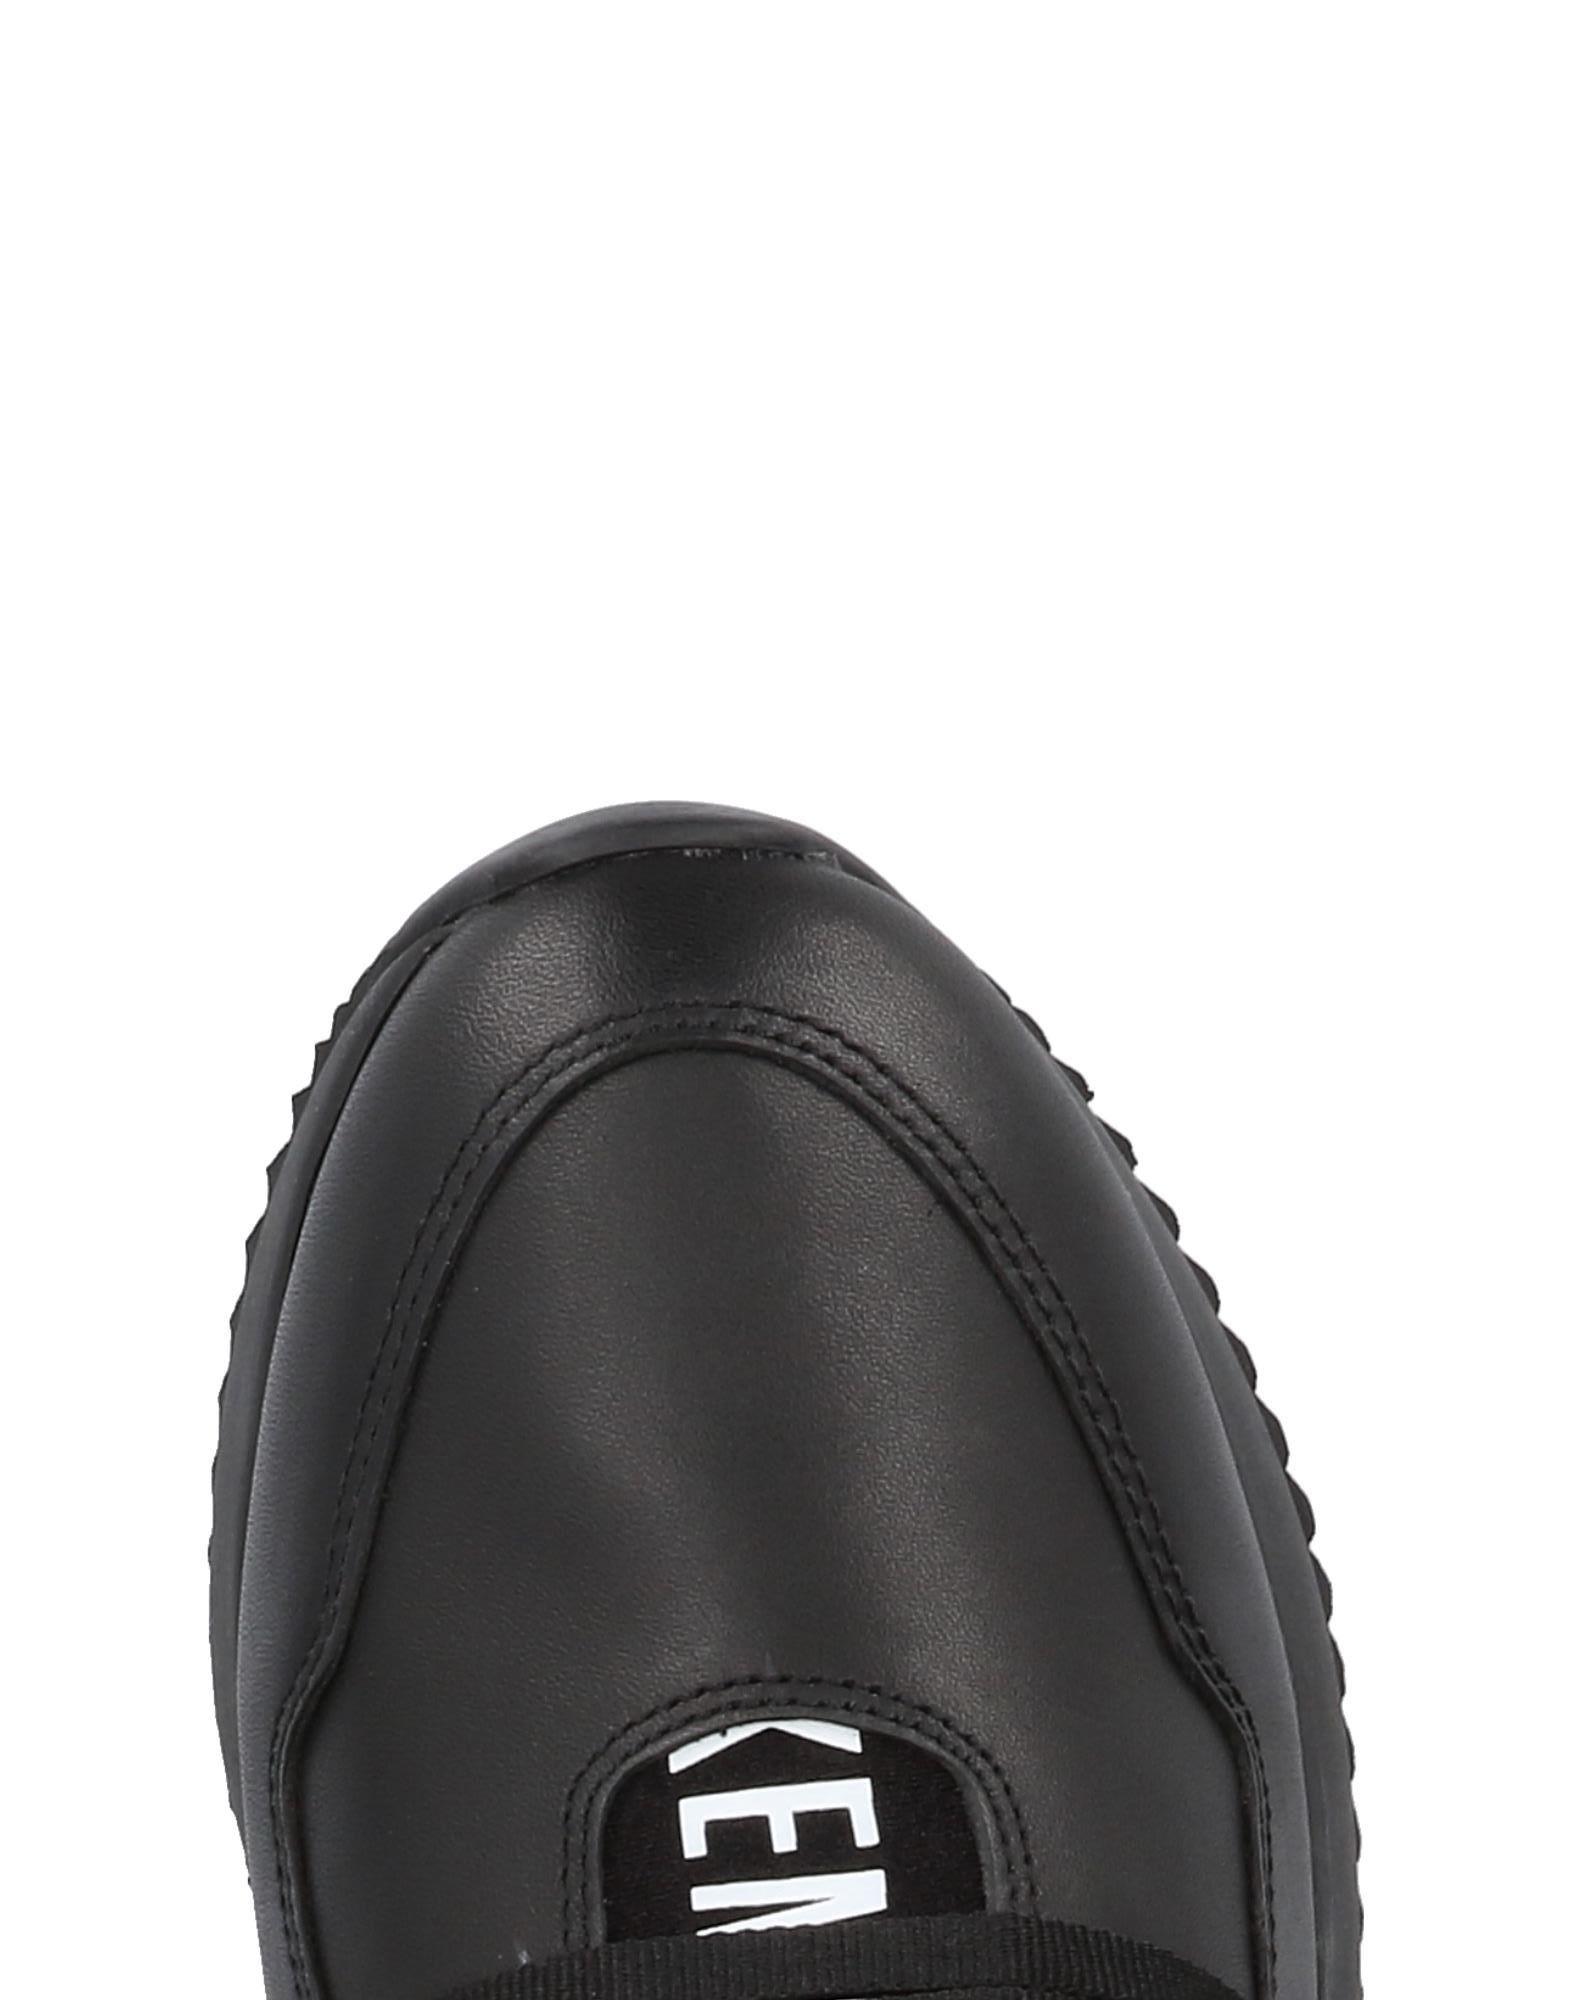 Stilvolle billige  Schuhe Bikkembergs Sneakers Damen  billige 11450788DW 57706b